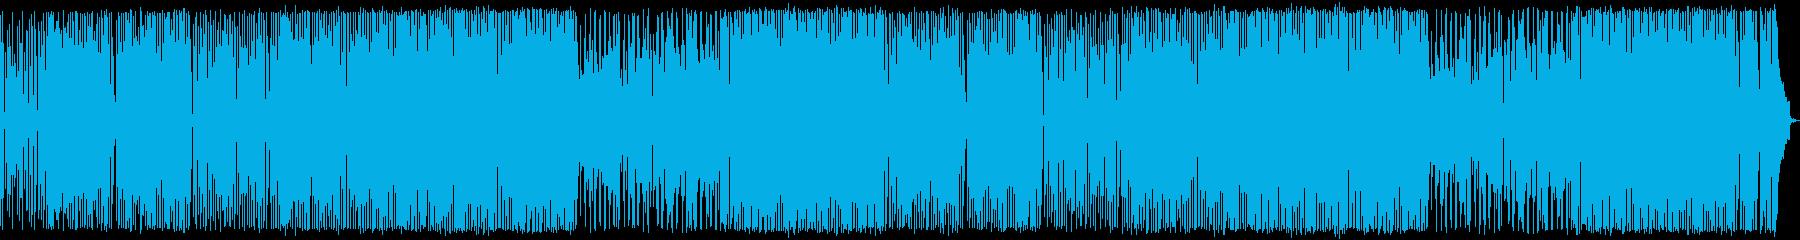 アップテンポで軽快 木琴のノリノリポップの再生済みの波形